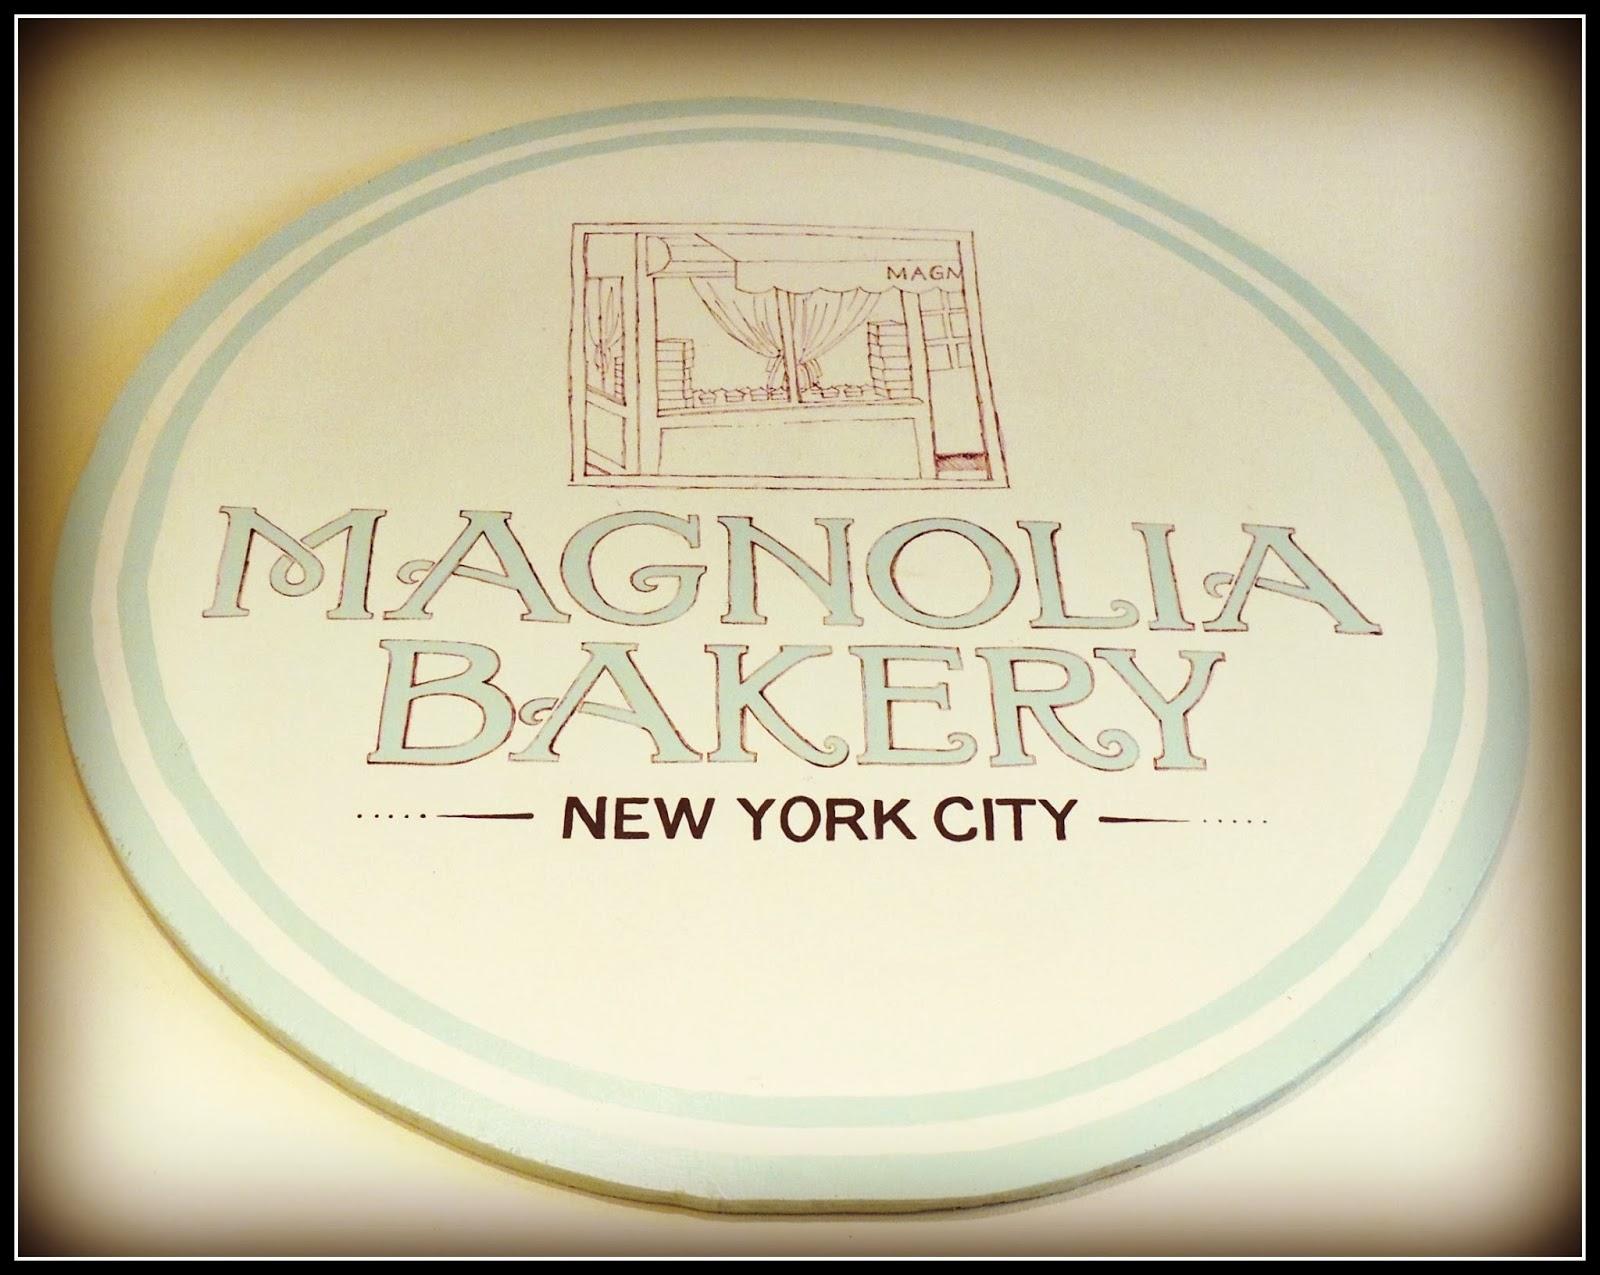 NY en 3 Días: Desayuno en Magnolia